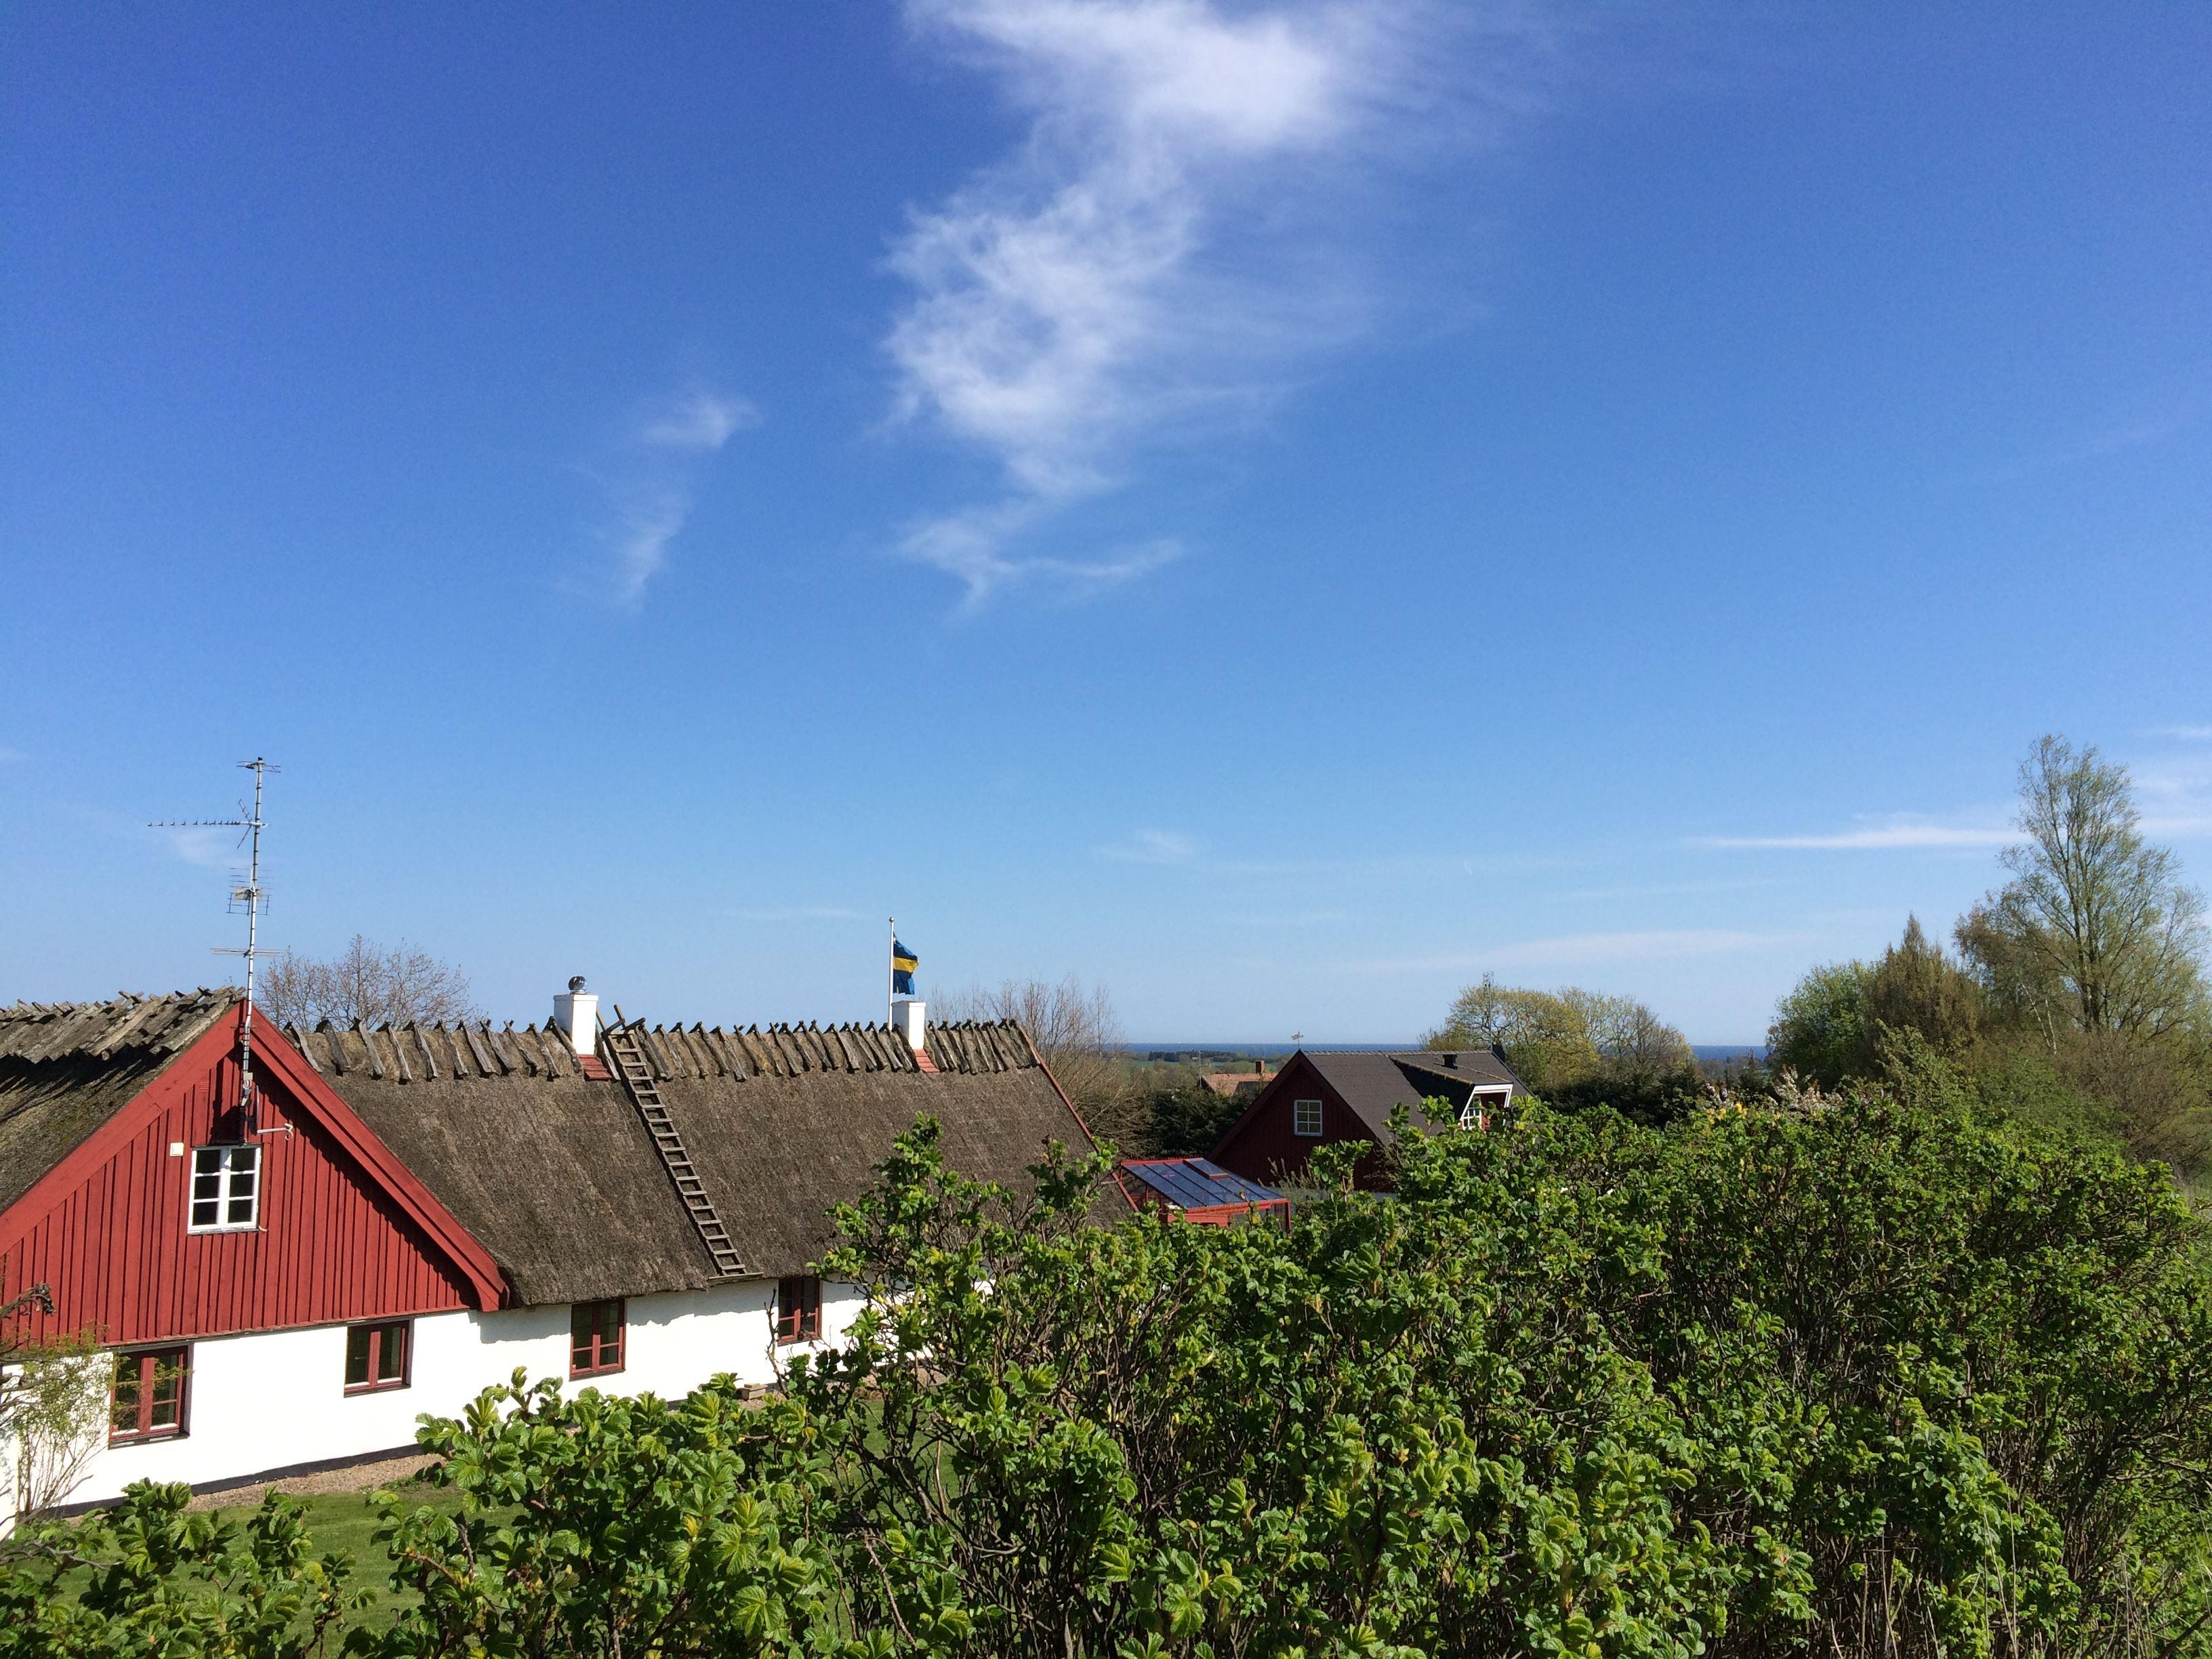 Sydkustens at Pillehill - Restaurang och Vinbar